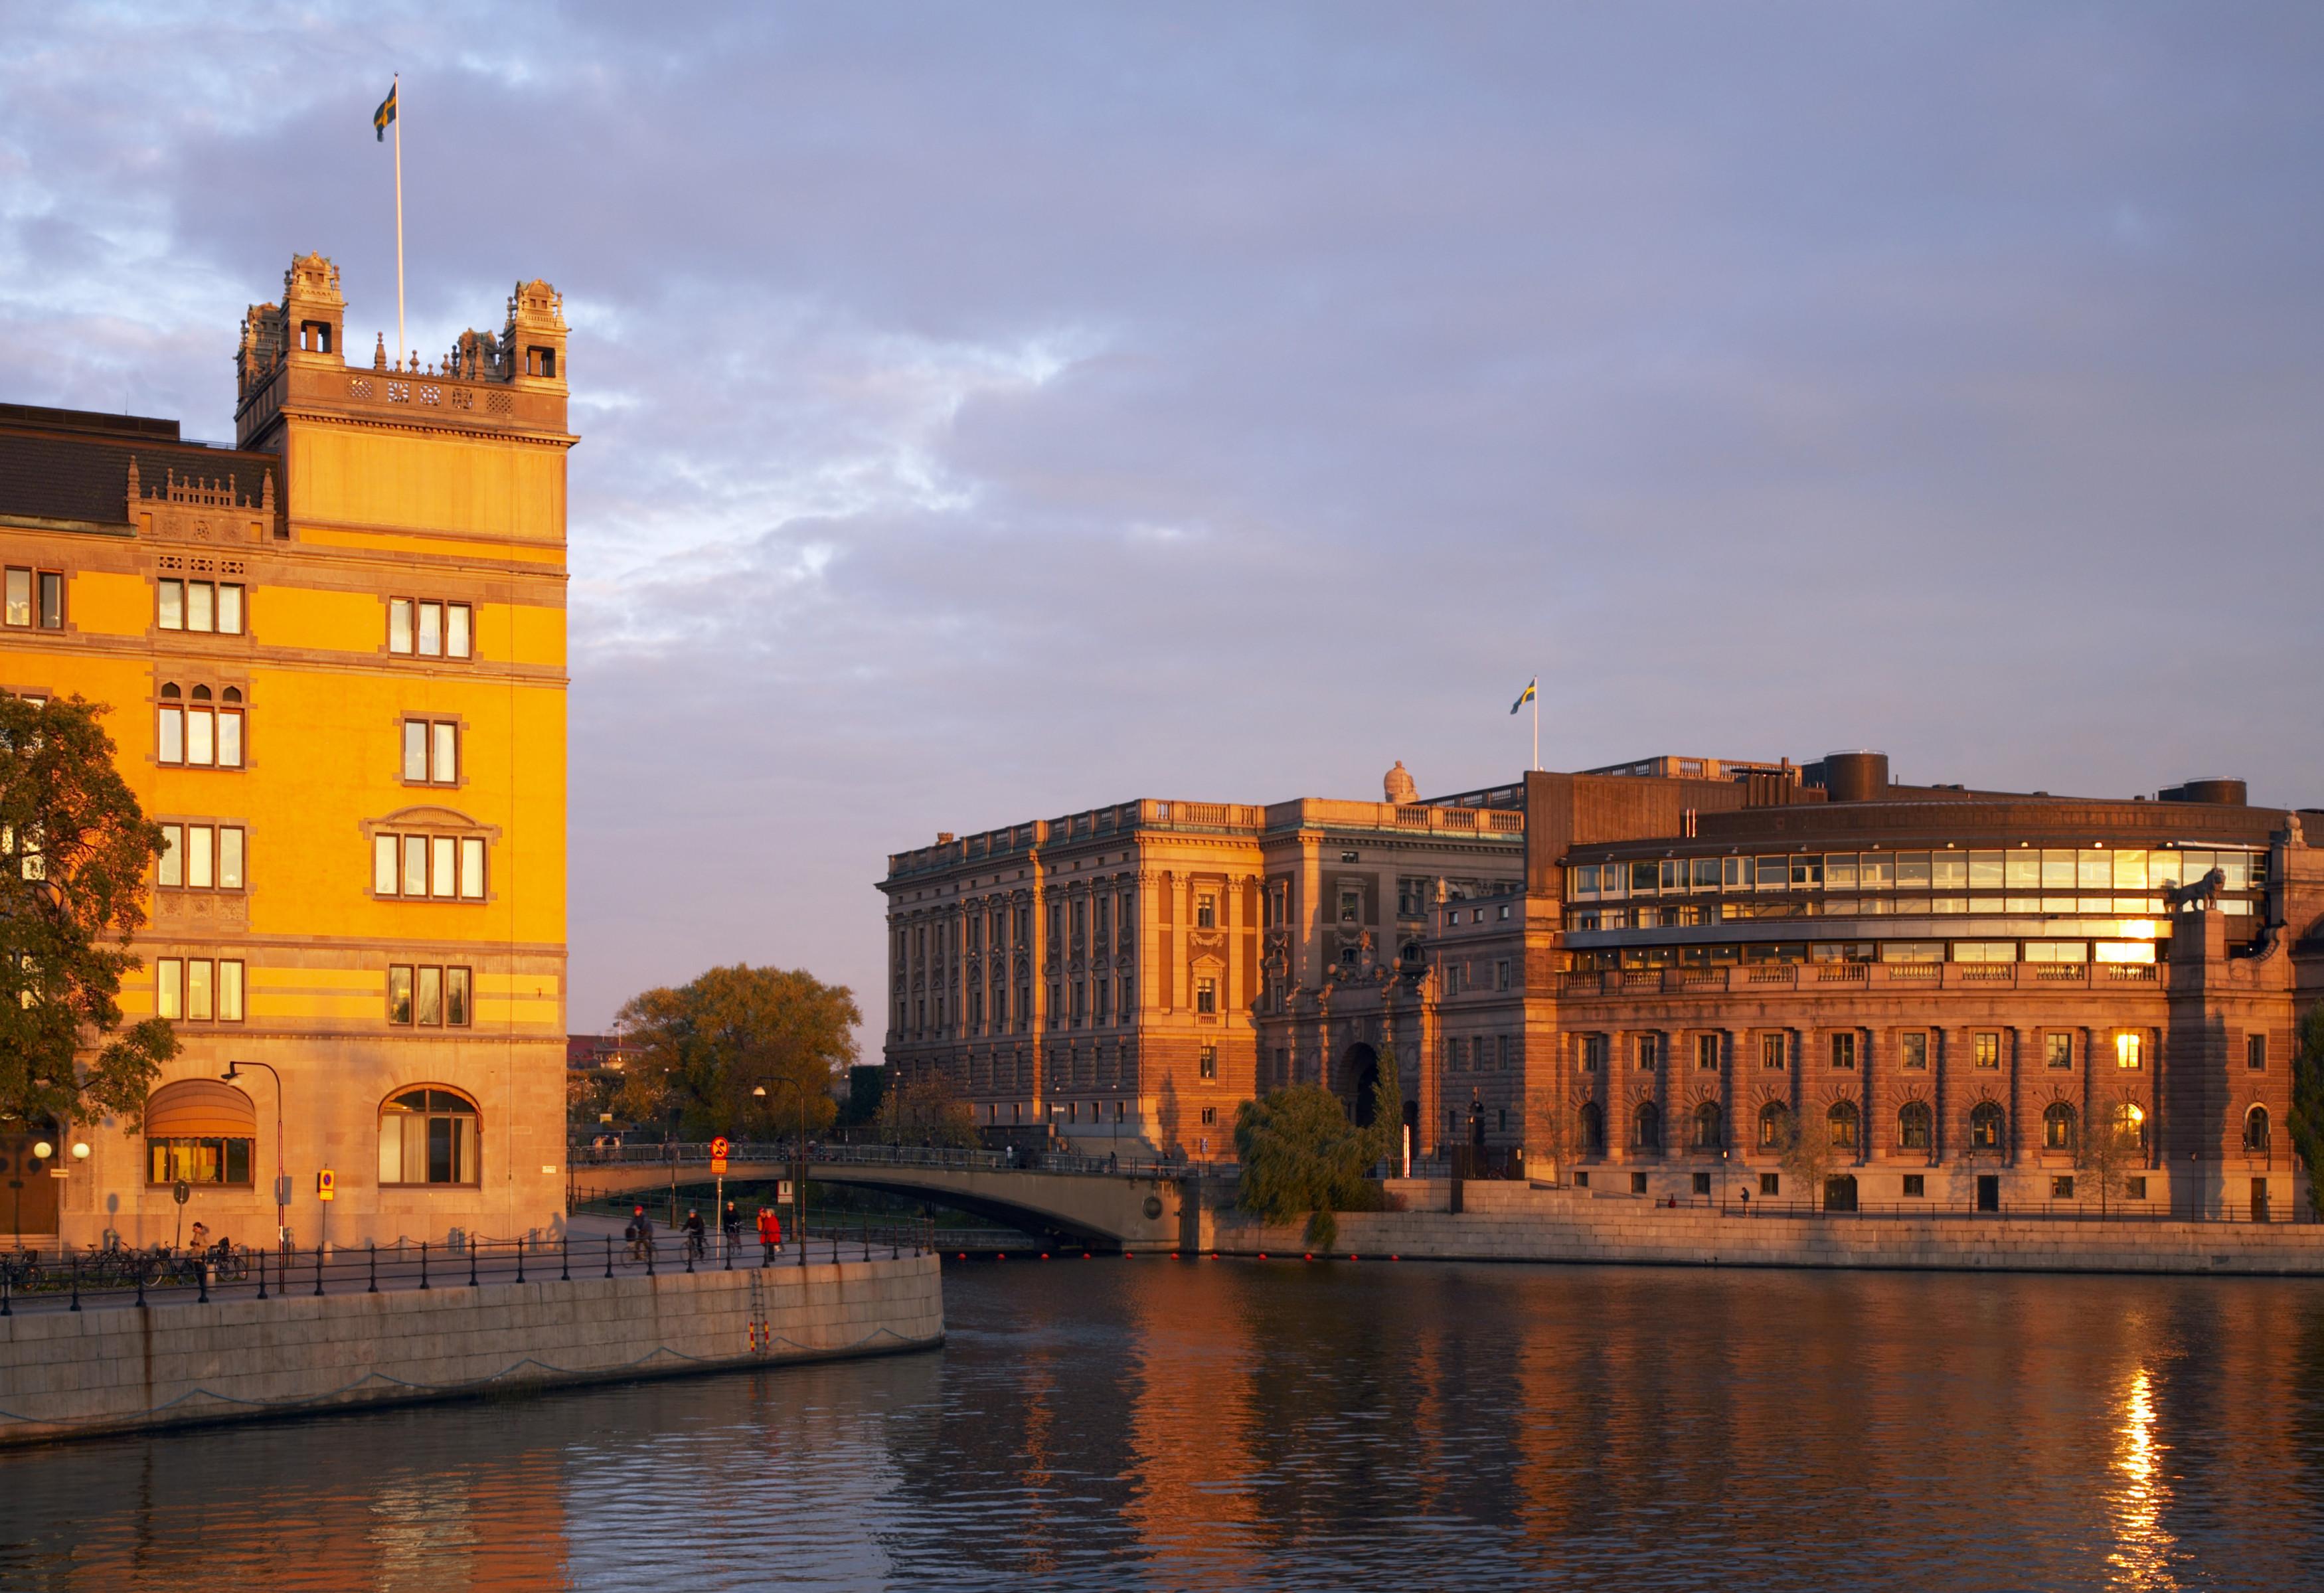 Siège du gouvernement suédois